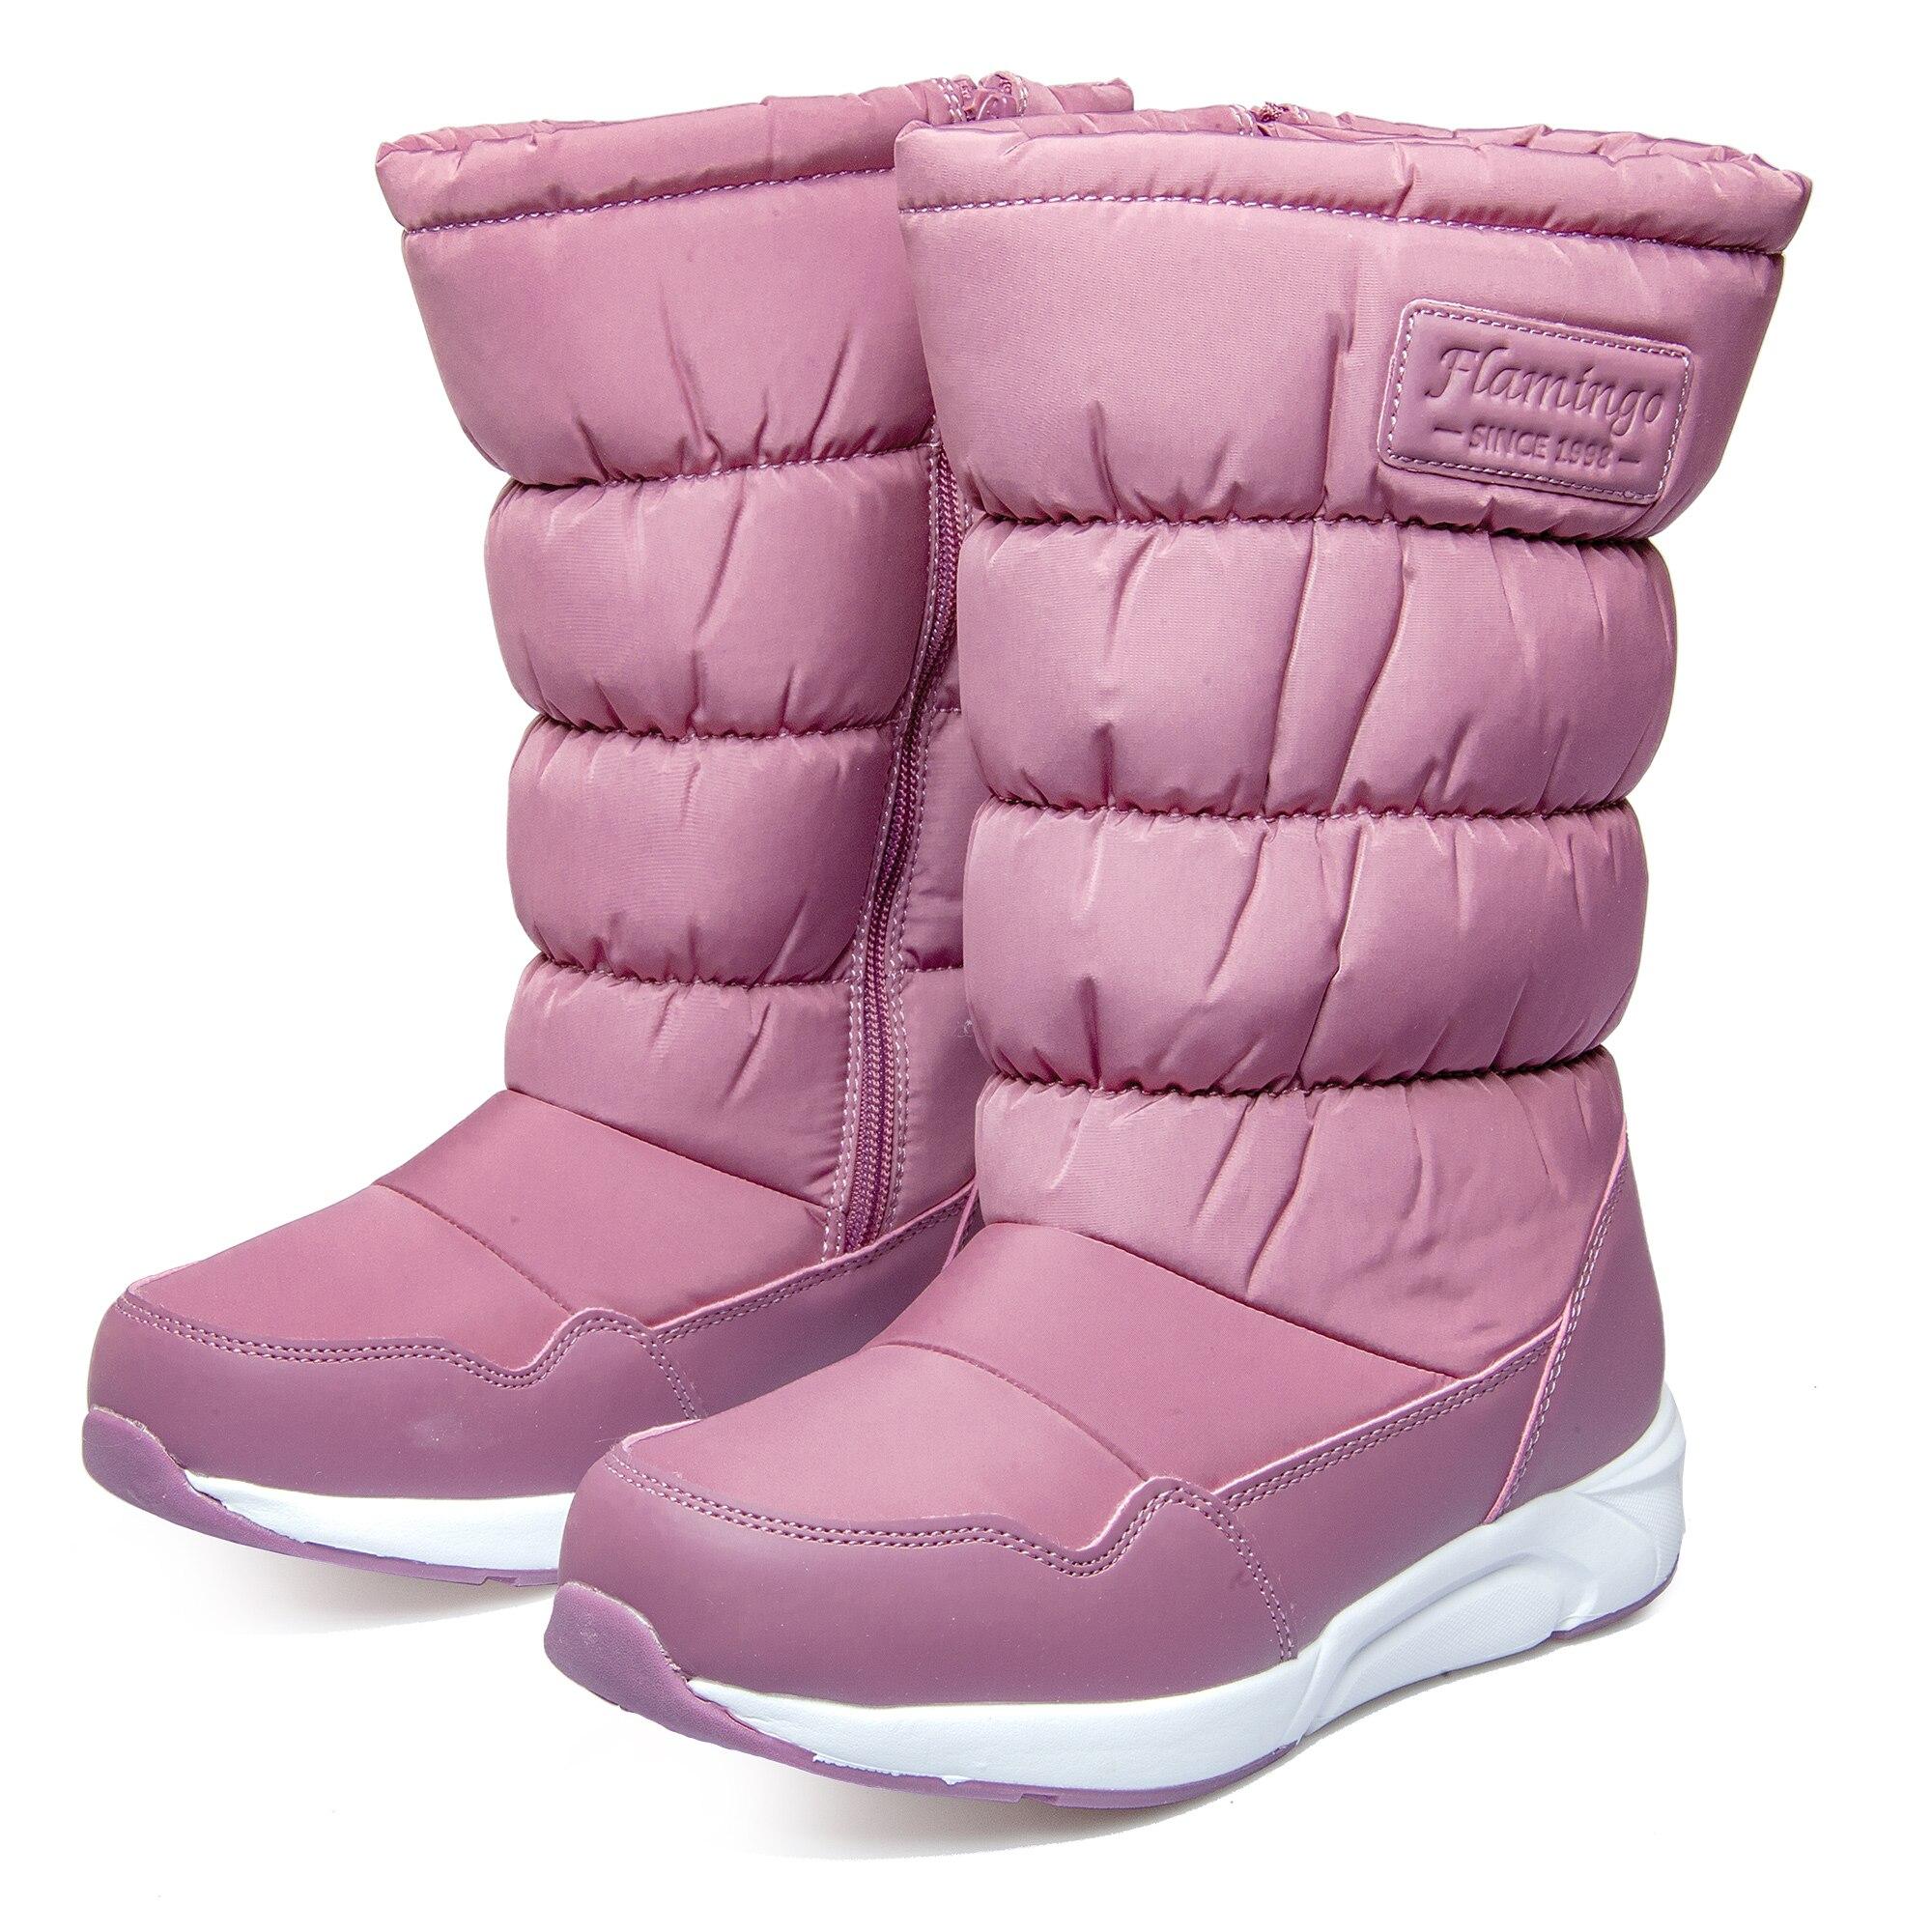 цены на Flamingo shoes 92d-nq-1517 shoes girls shoes children 31-37 #  в интернет-магазинах